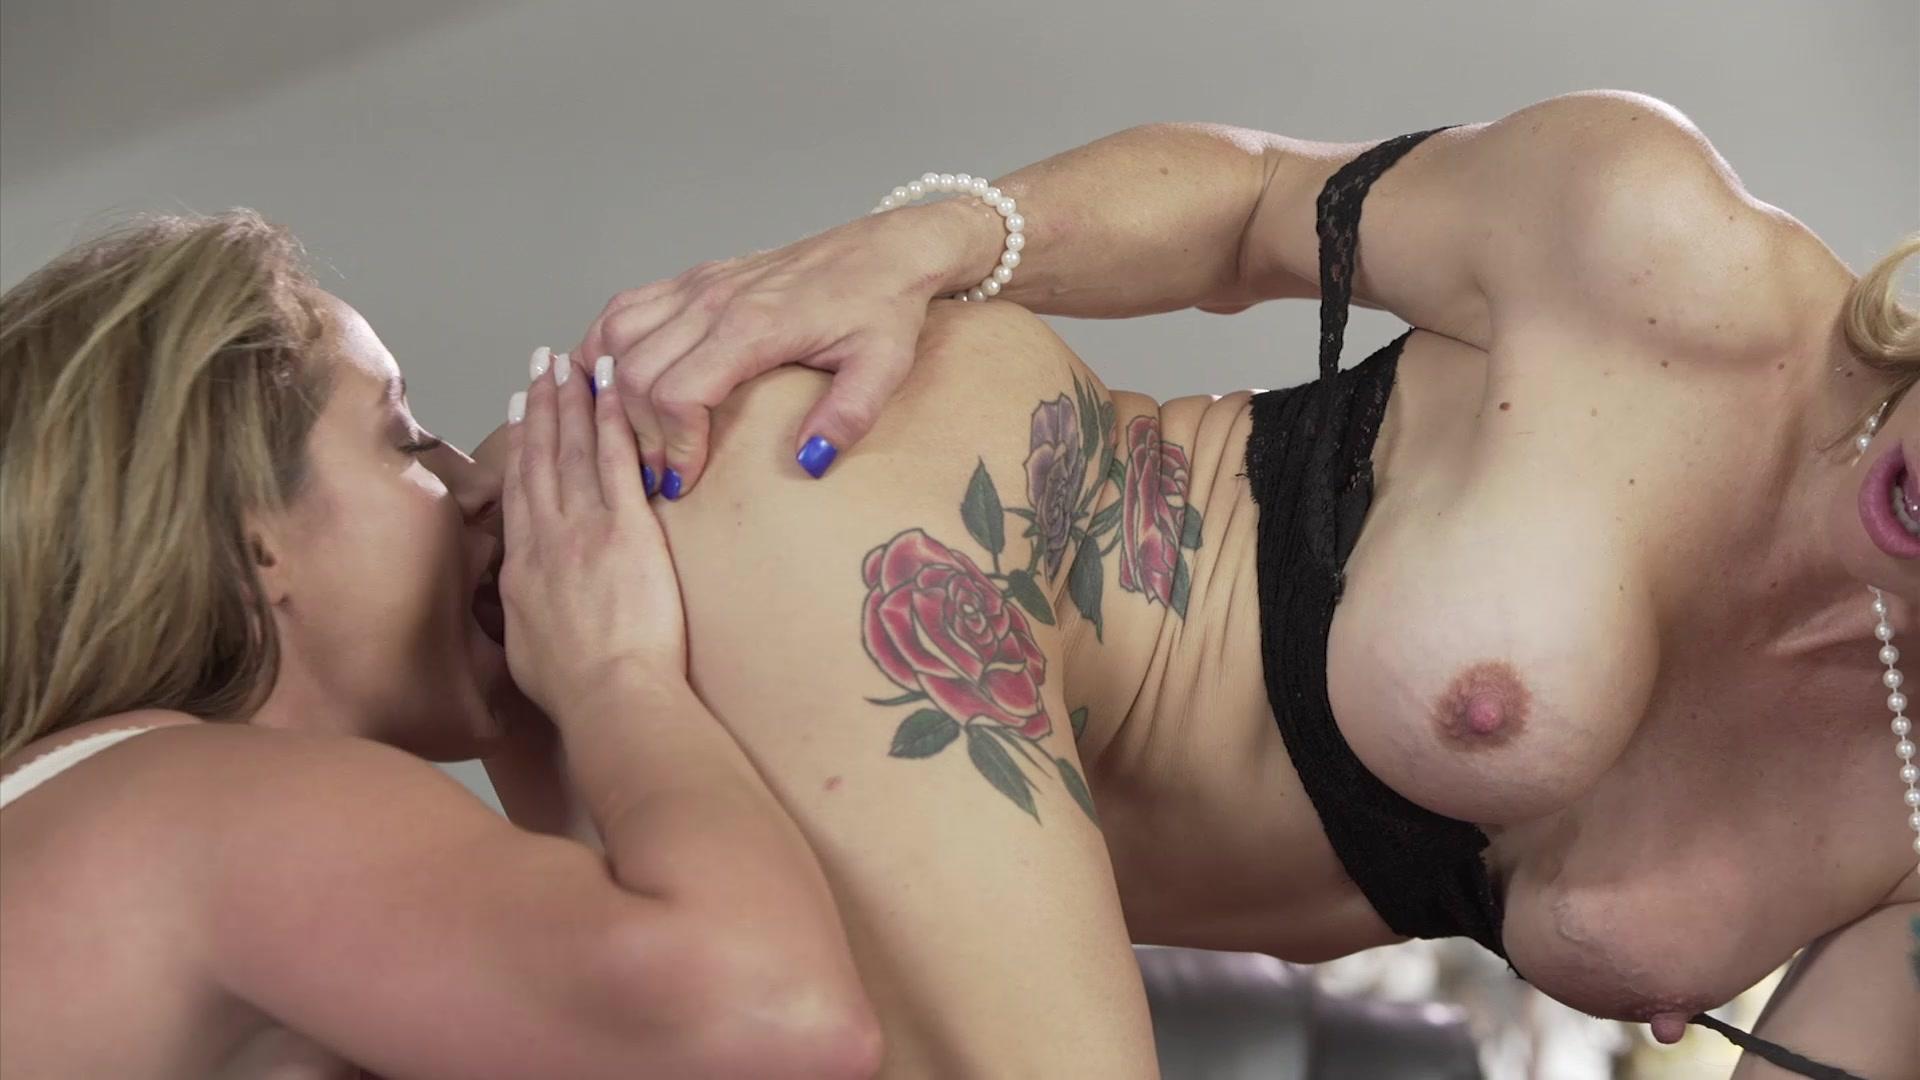 madison tatuaje pornostar